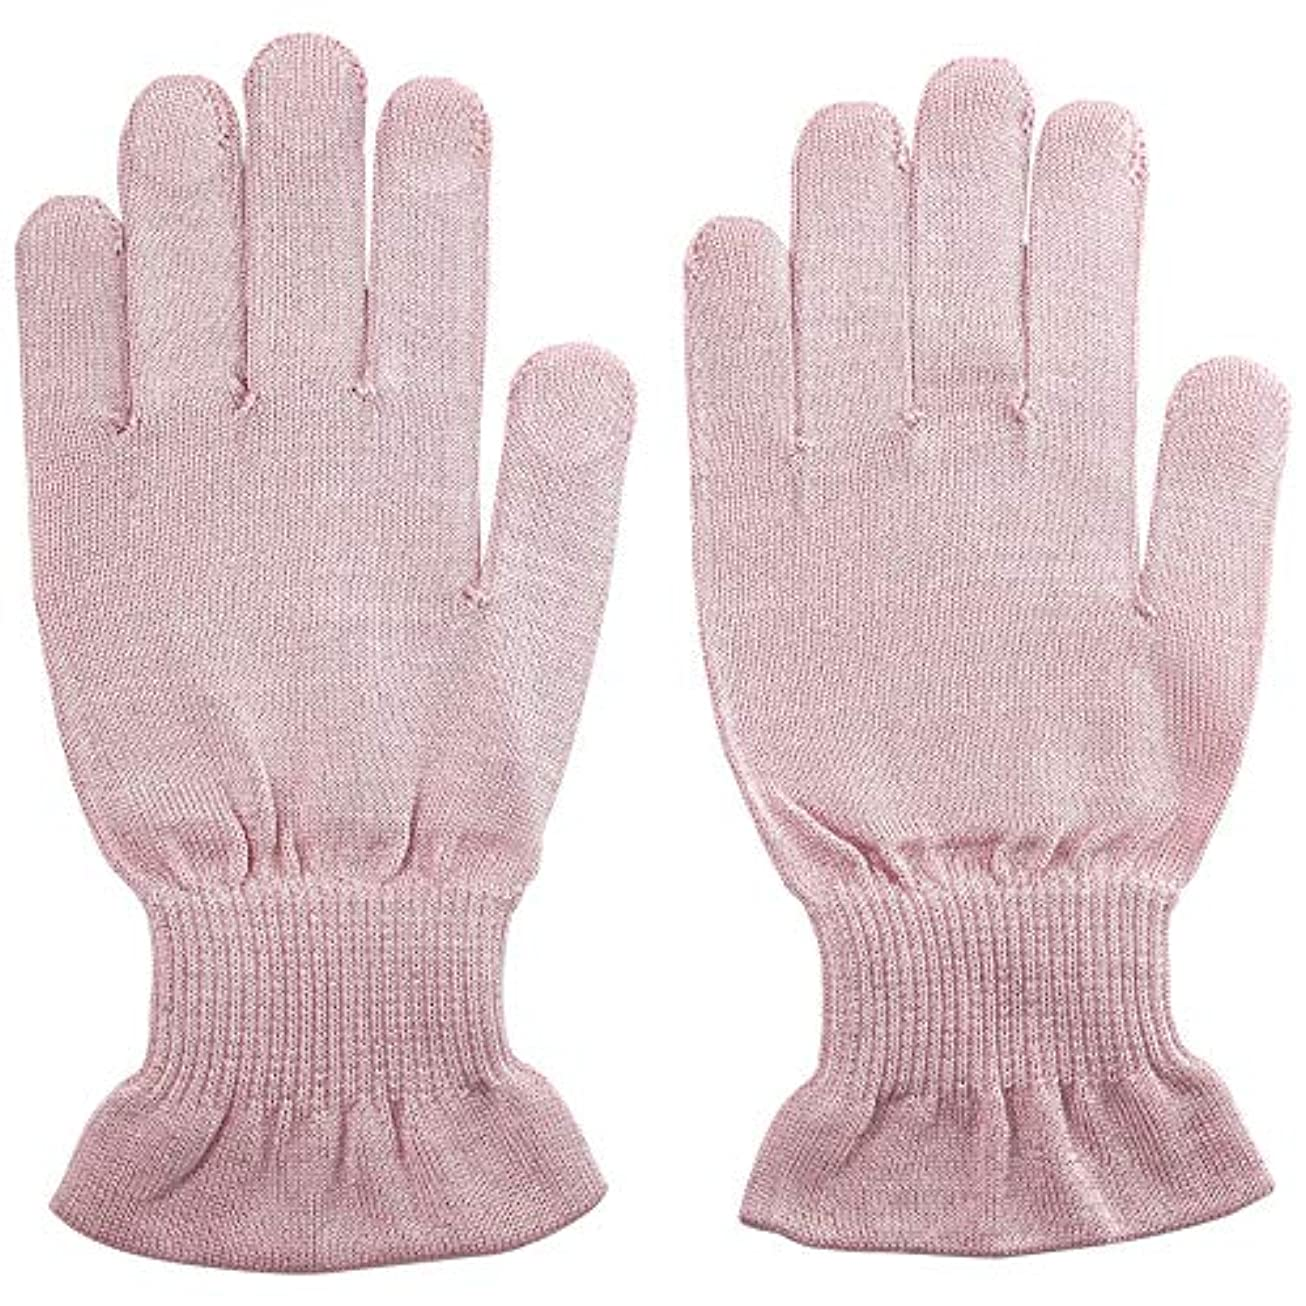 温むすび ハンドケア手袋 【手のひら美人 女性用 M~Lサイズ】 ペールピンク